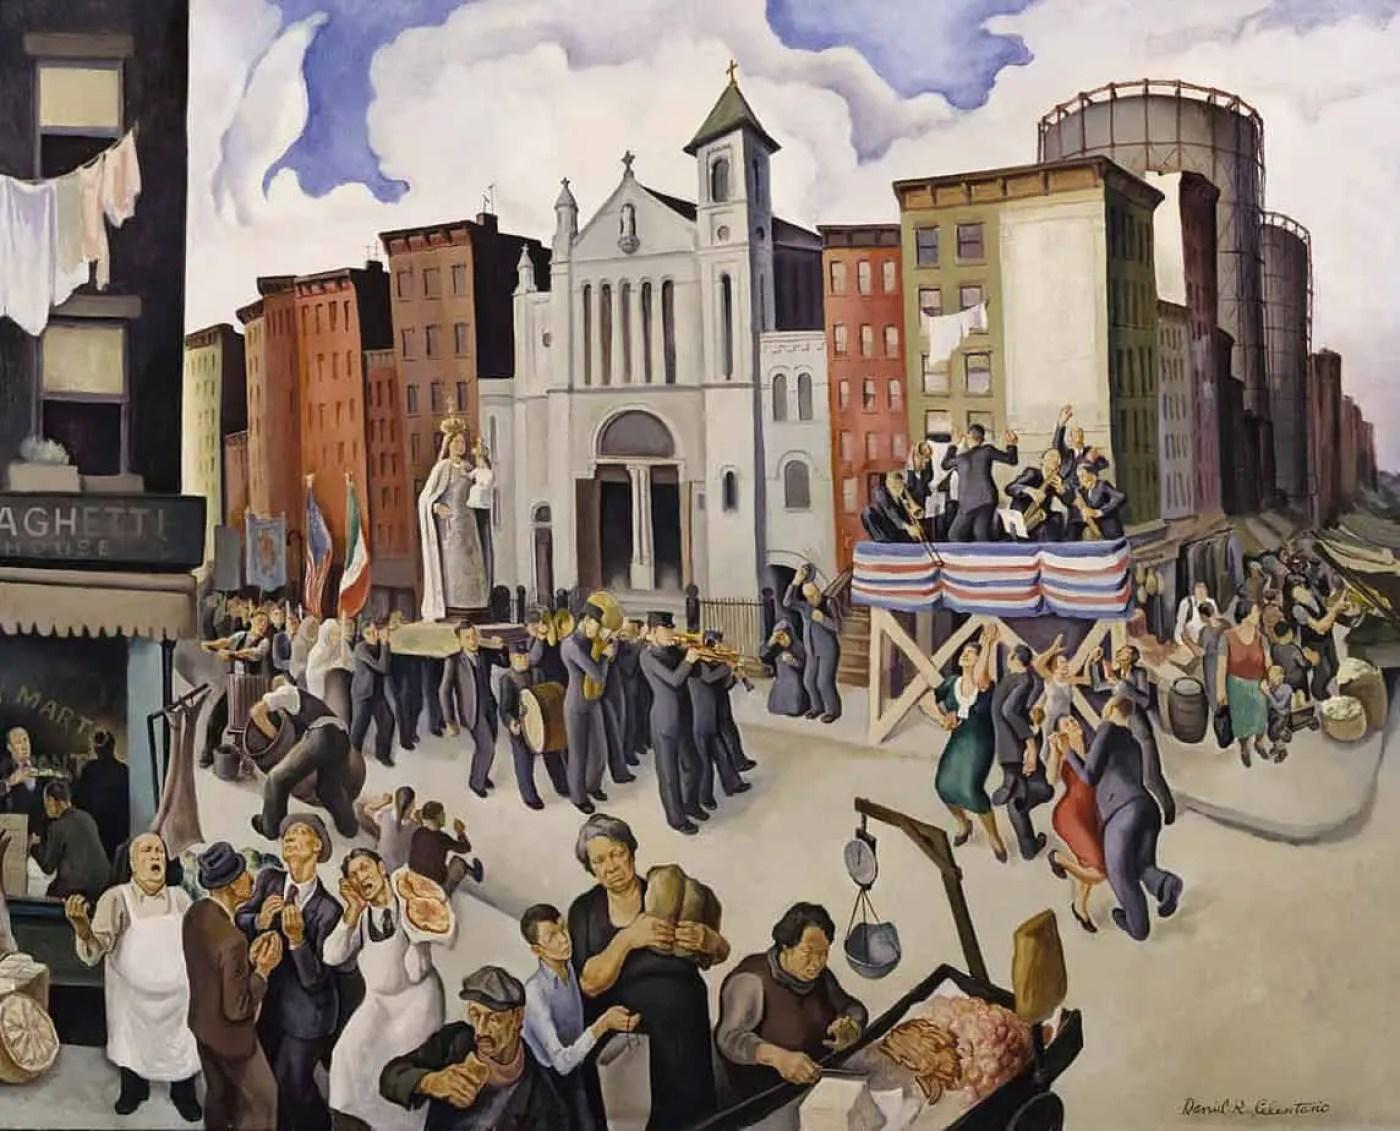 Festival 1934 by Daniel R Celentano